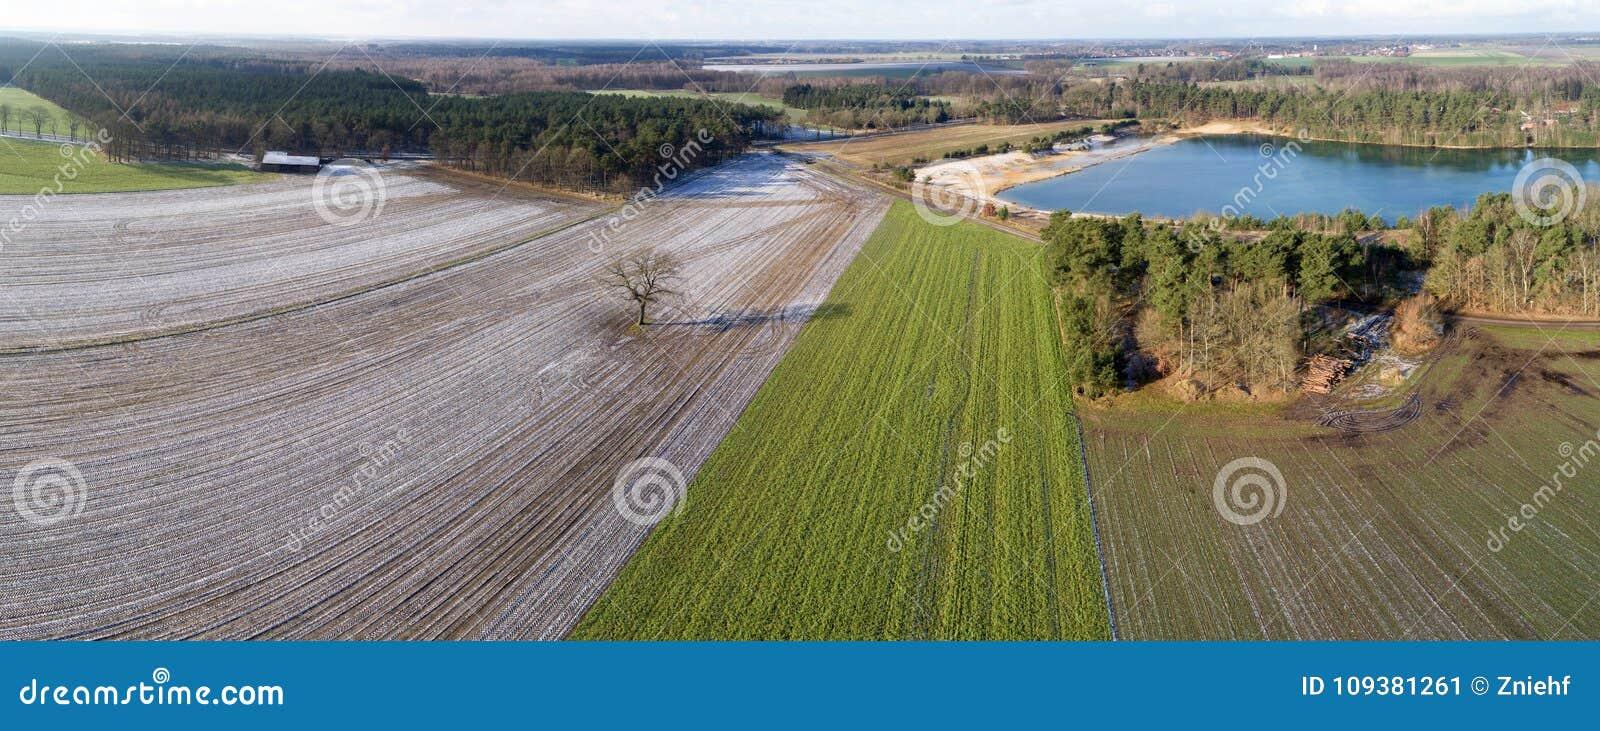 Luftlandschaftsansicht, Luftfoto mit einem See, Felder, Wiesen, Wälder und eine Straße, Panorama als Fahne für ein Blog oder Webs